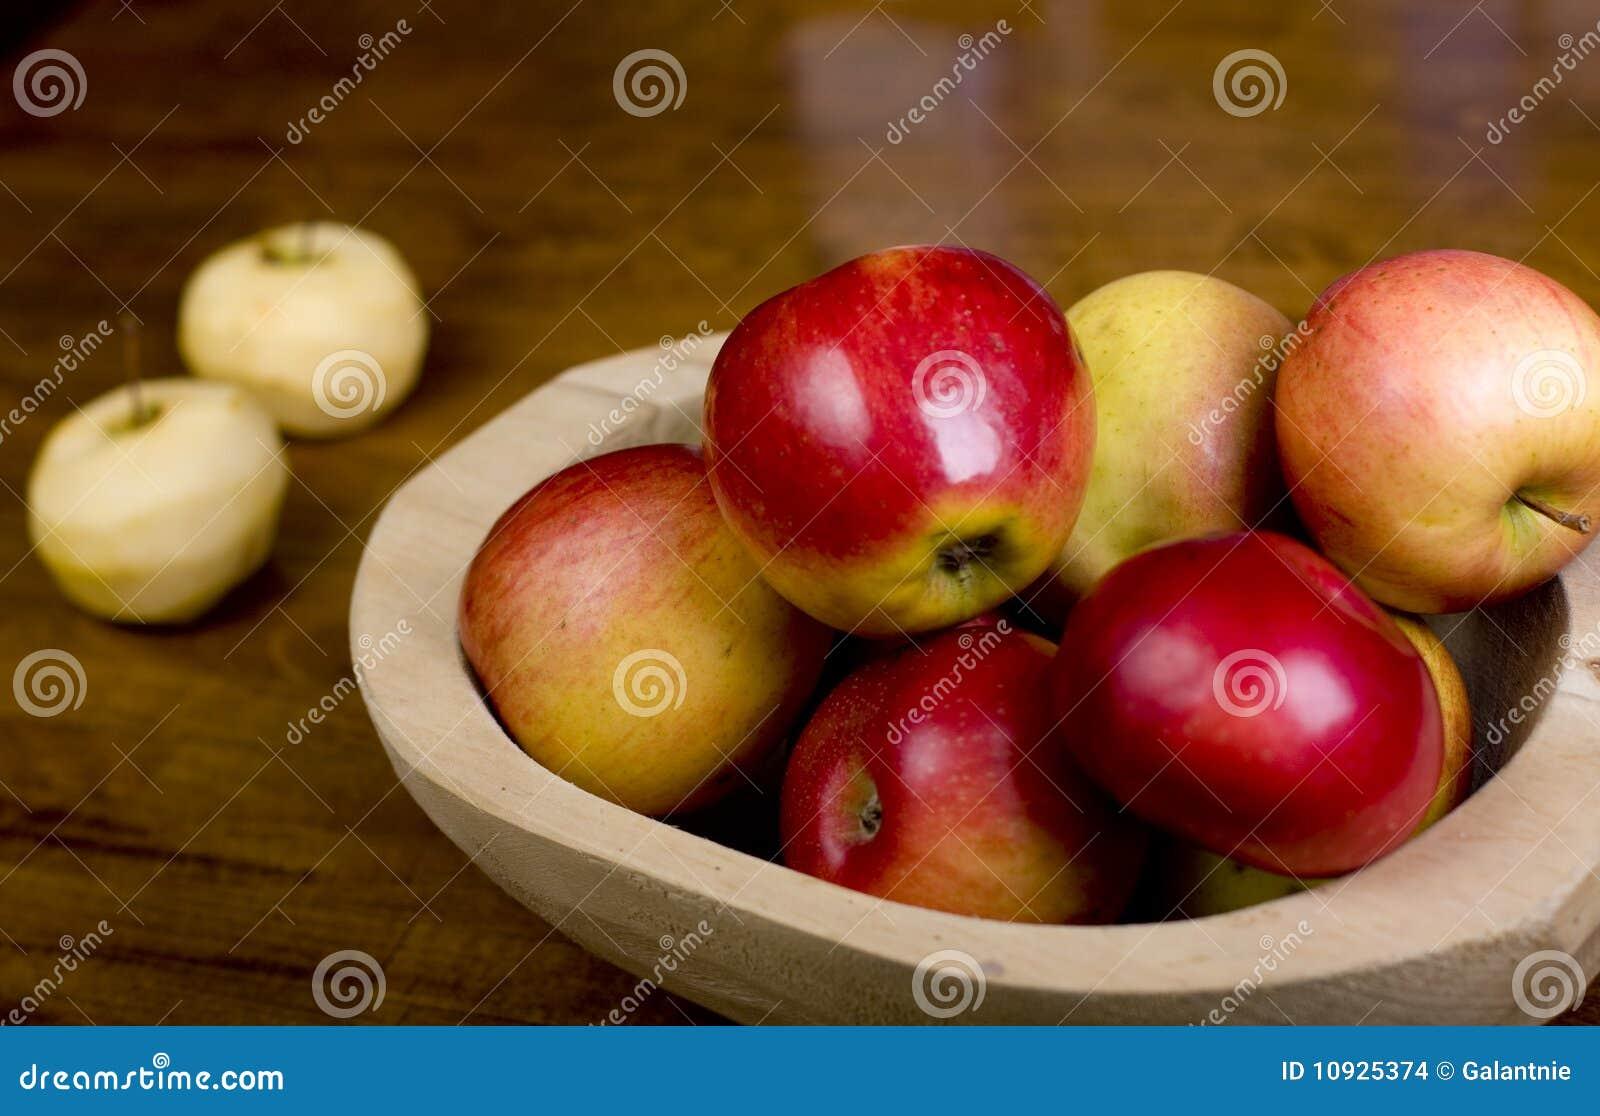 яблоки готовят деревянное